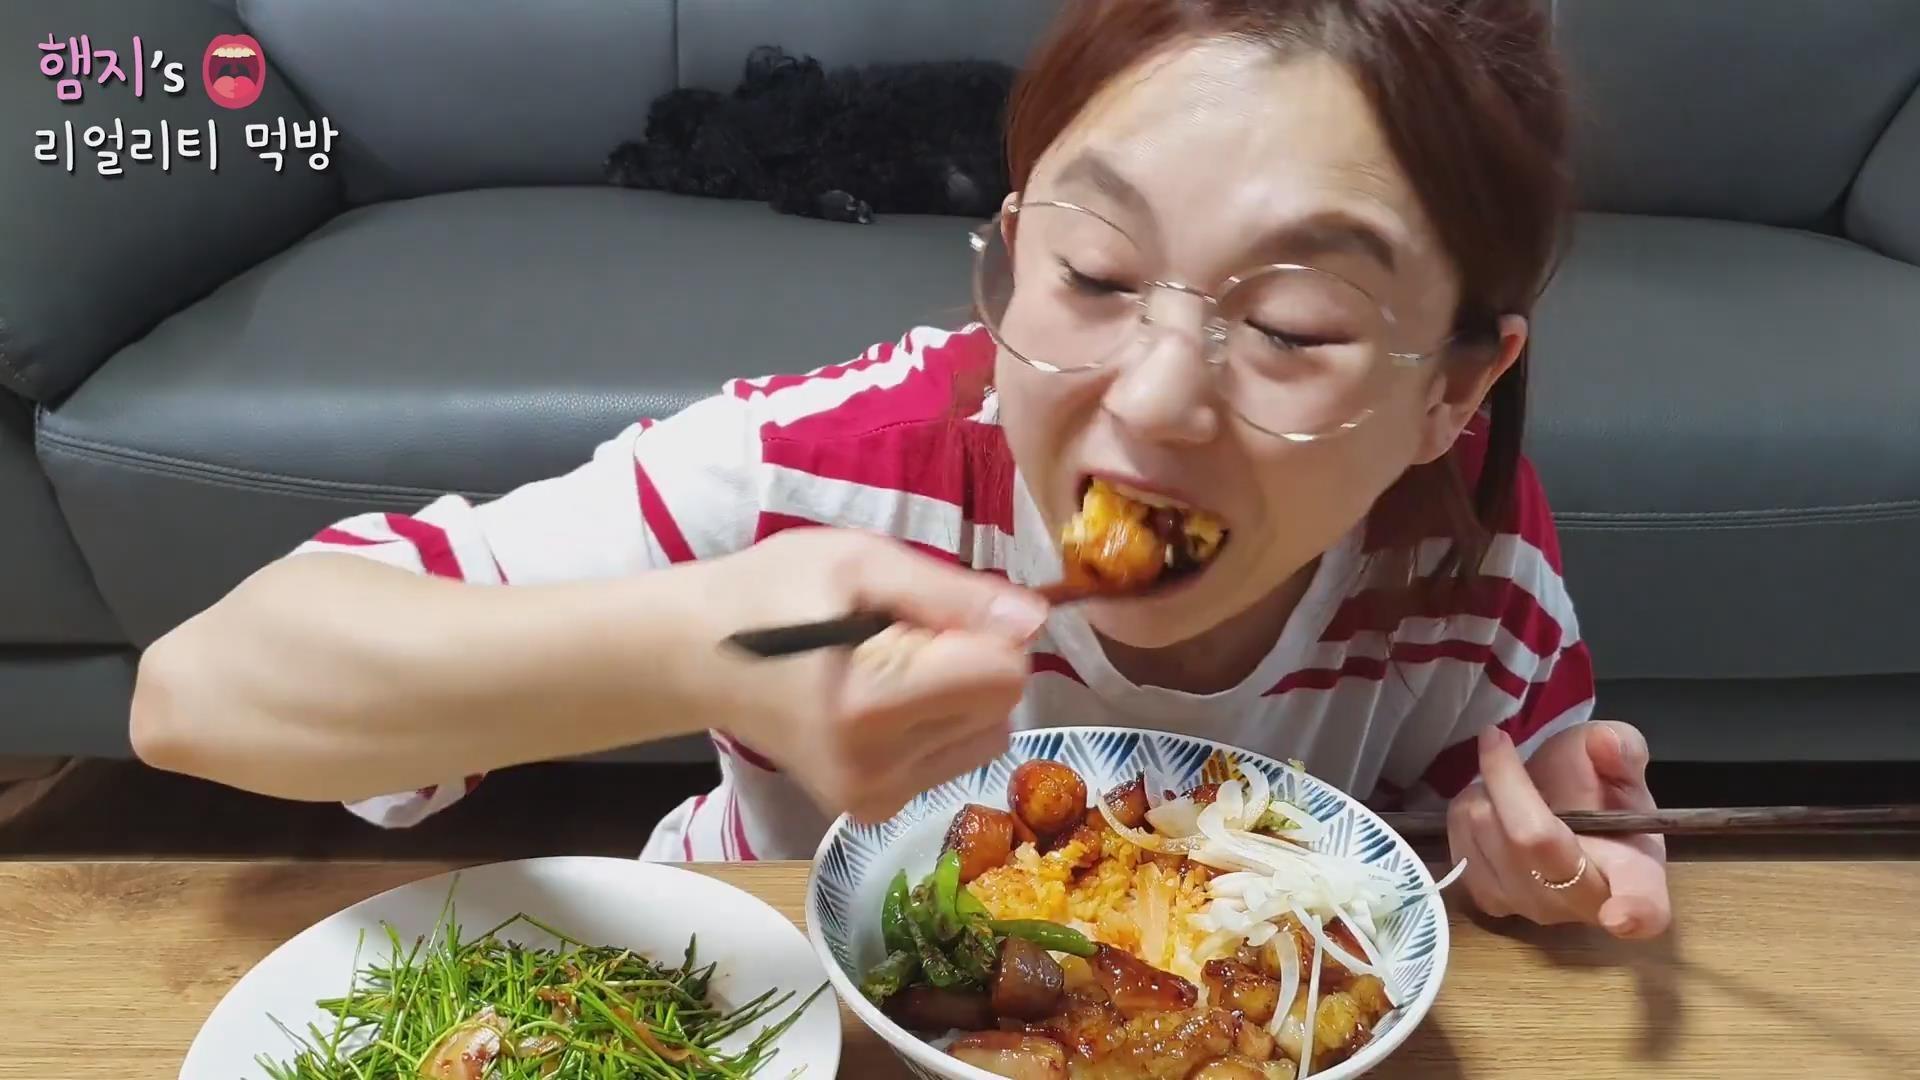 新 【Hamzy超清】 辣火鸡酱牛皱胃牛肠盖饭+拌沙葱烤曲奇